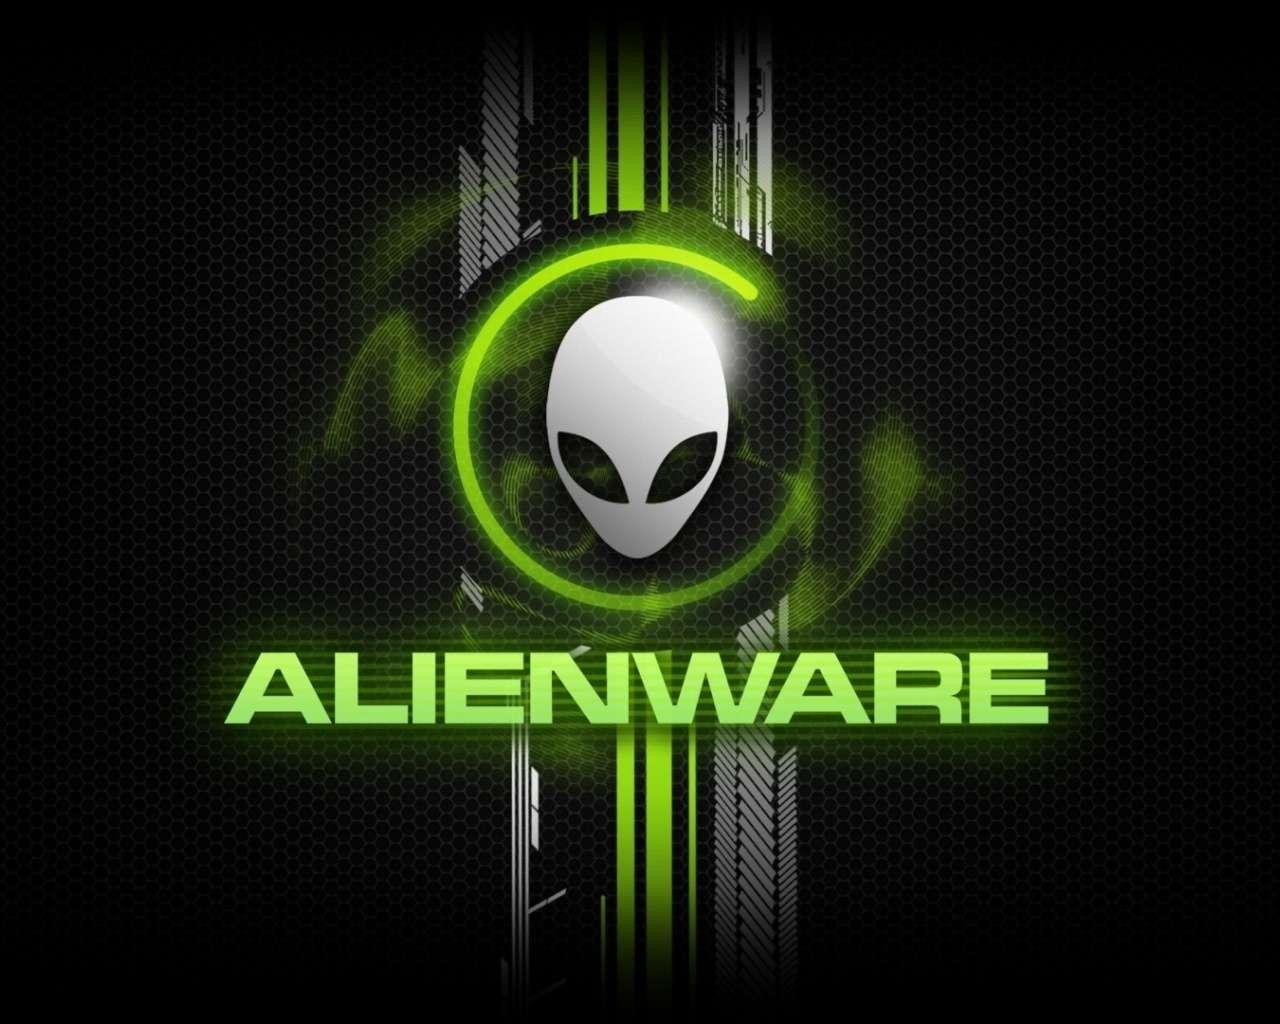 ws_Alienware_Logo_1280x1024.